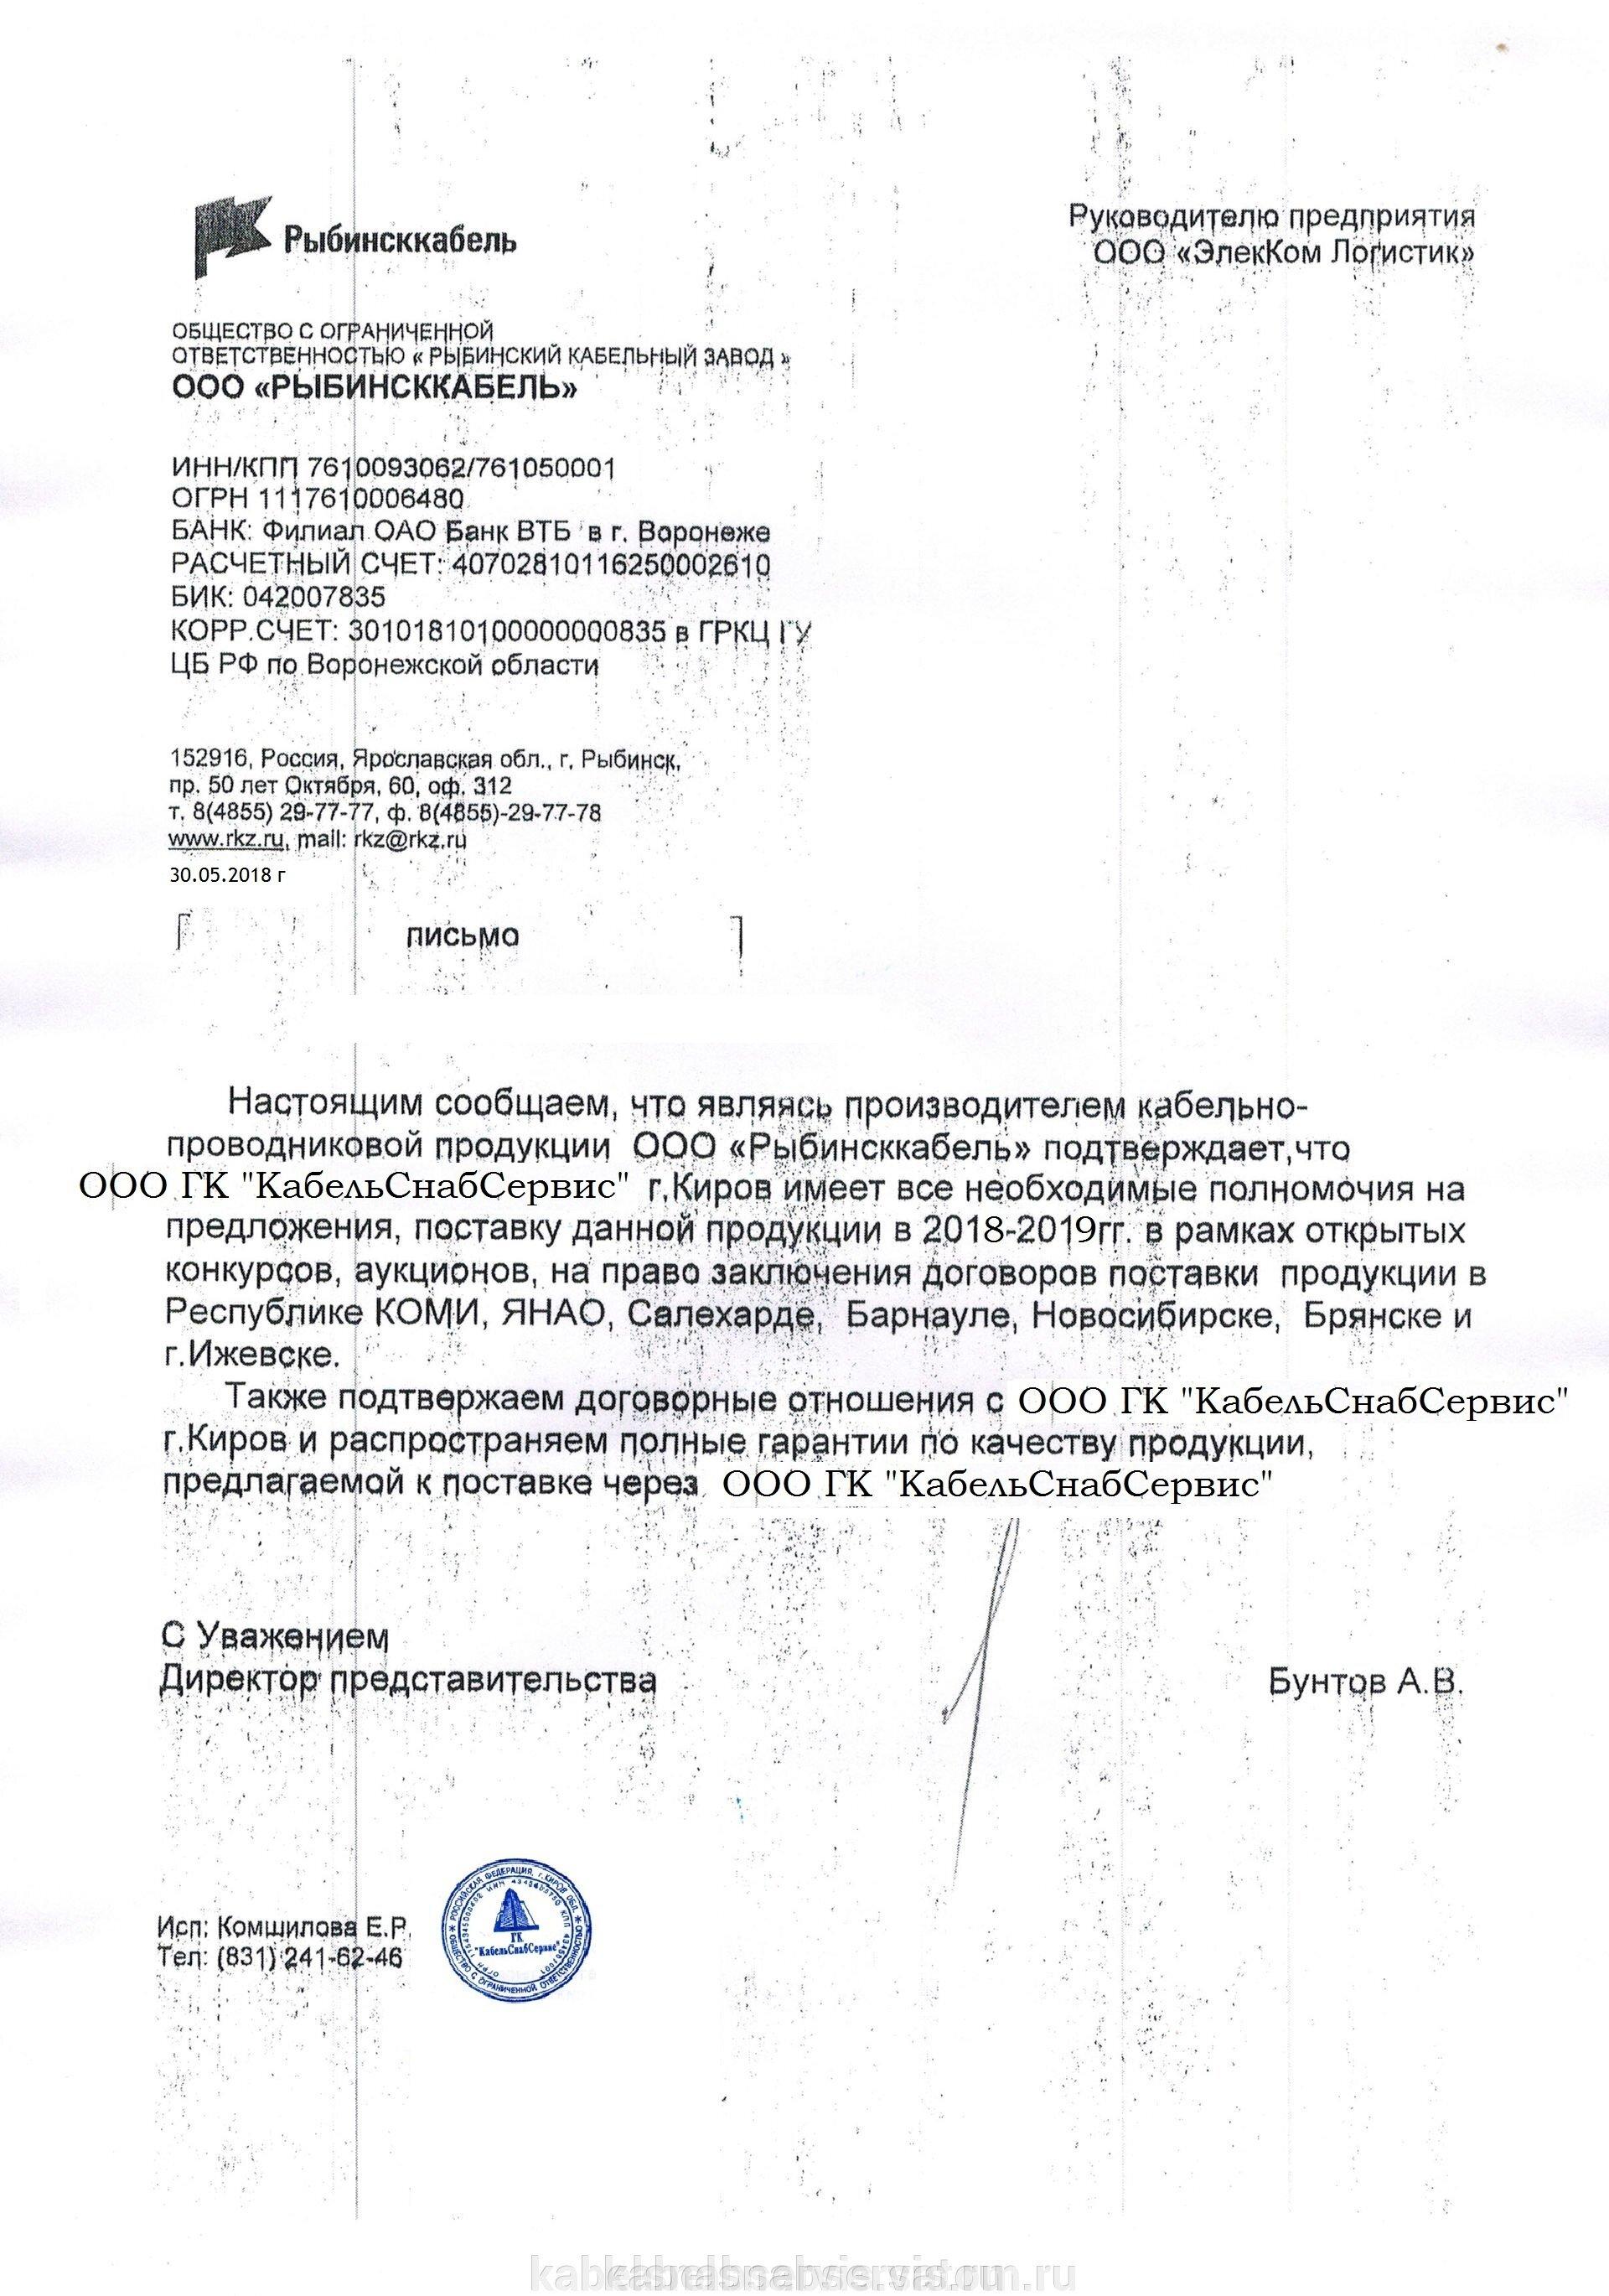 Сертификаты компании - фото pic_284939e6c0d1d97ddecd9610e4e7cfb7_1920x9000_1.jpg